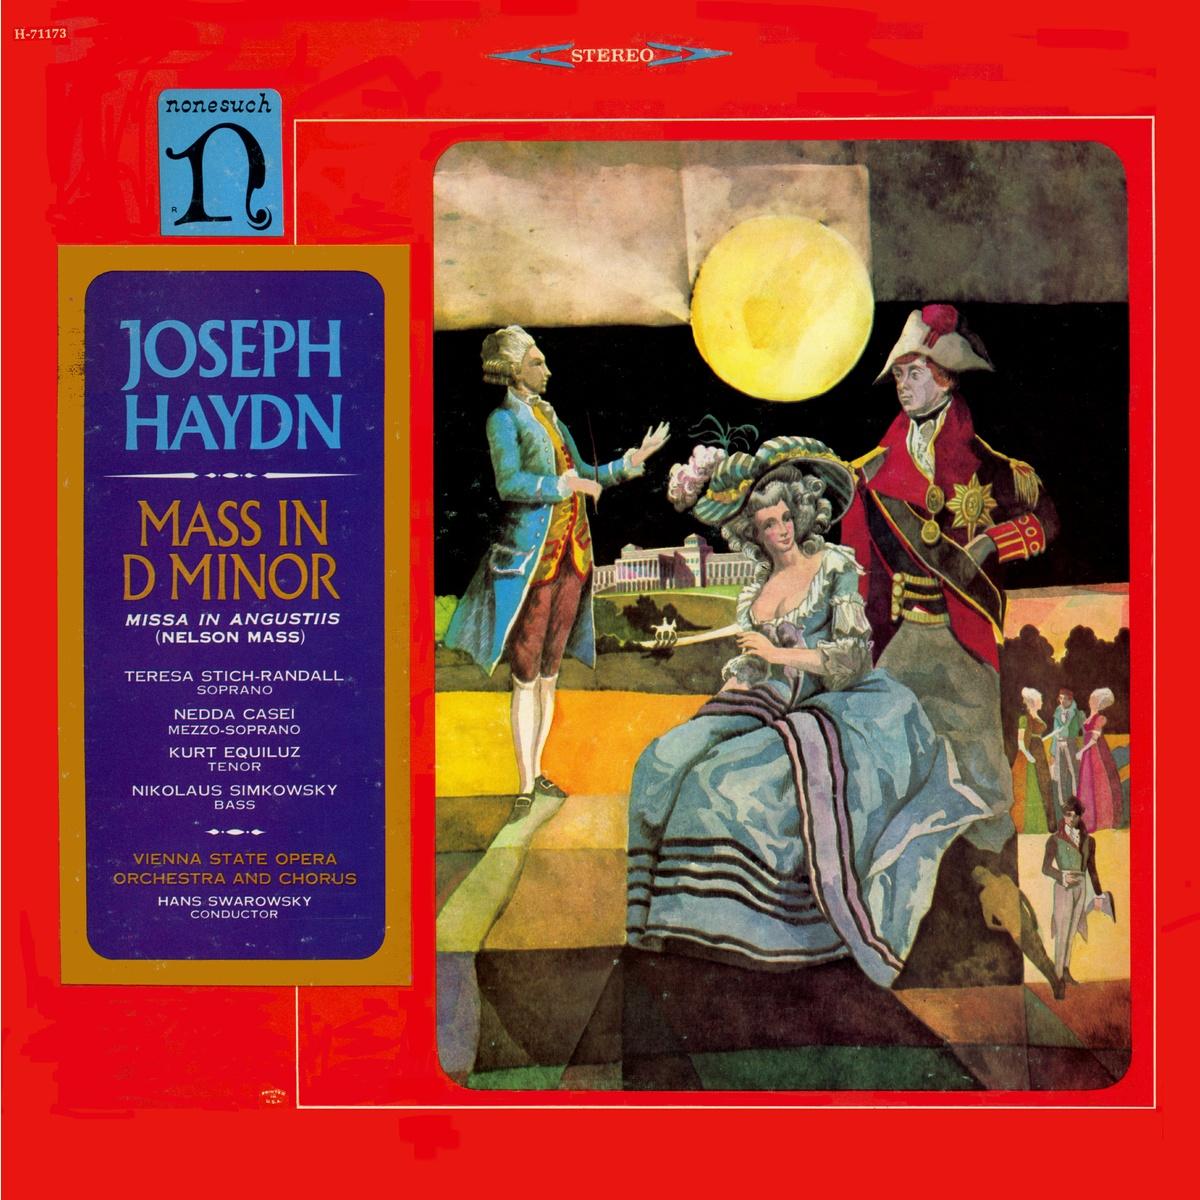 Recto de la pochette du disque Nonesuch H 71173, coverart James Barkley, cover design William S. Harvey, Cliquer sur la photo pour une vue agrandie